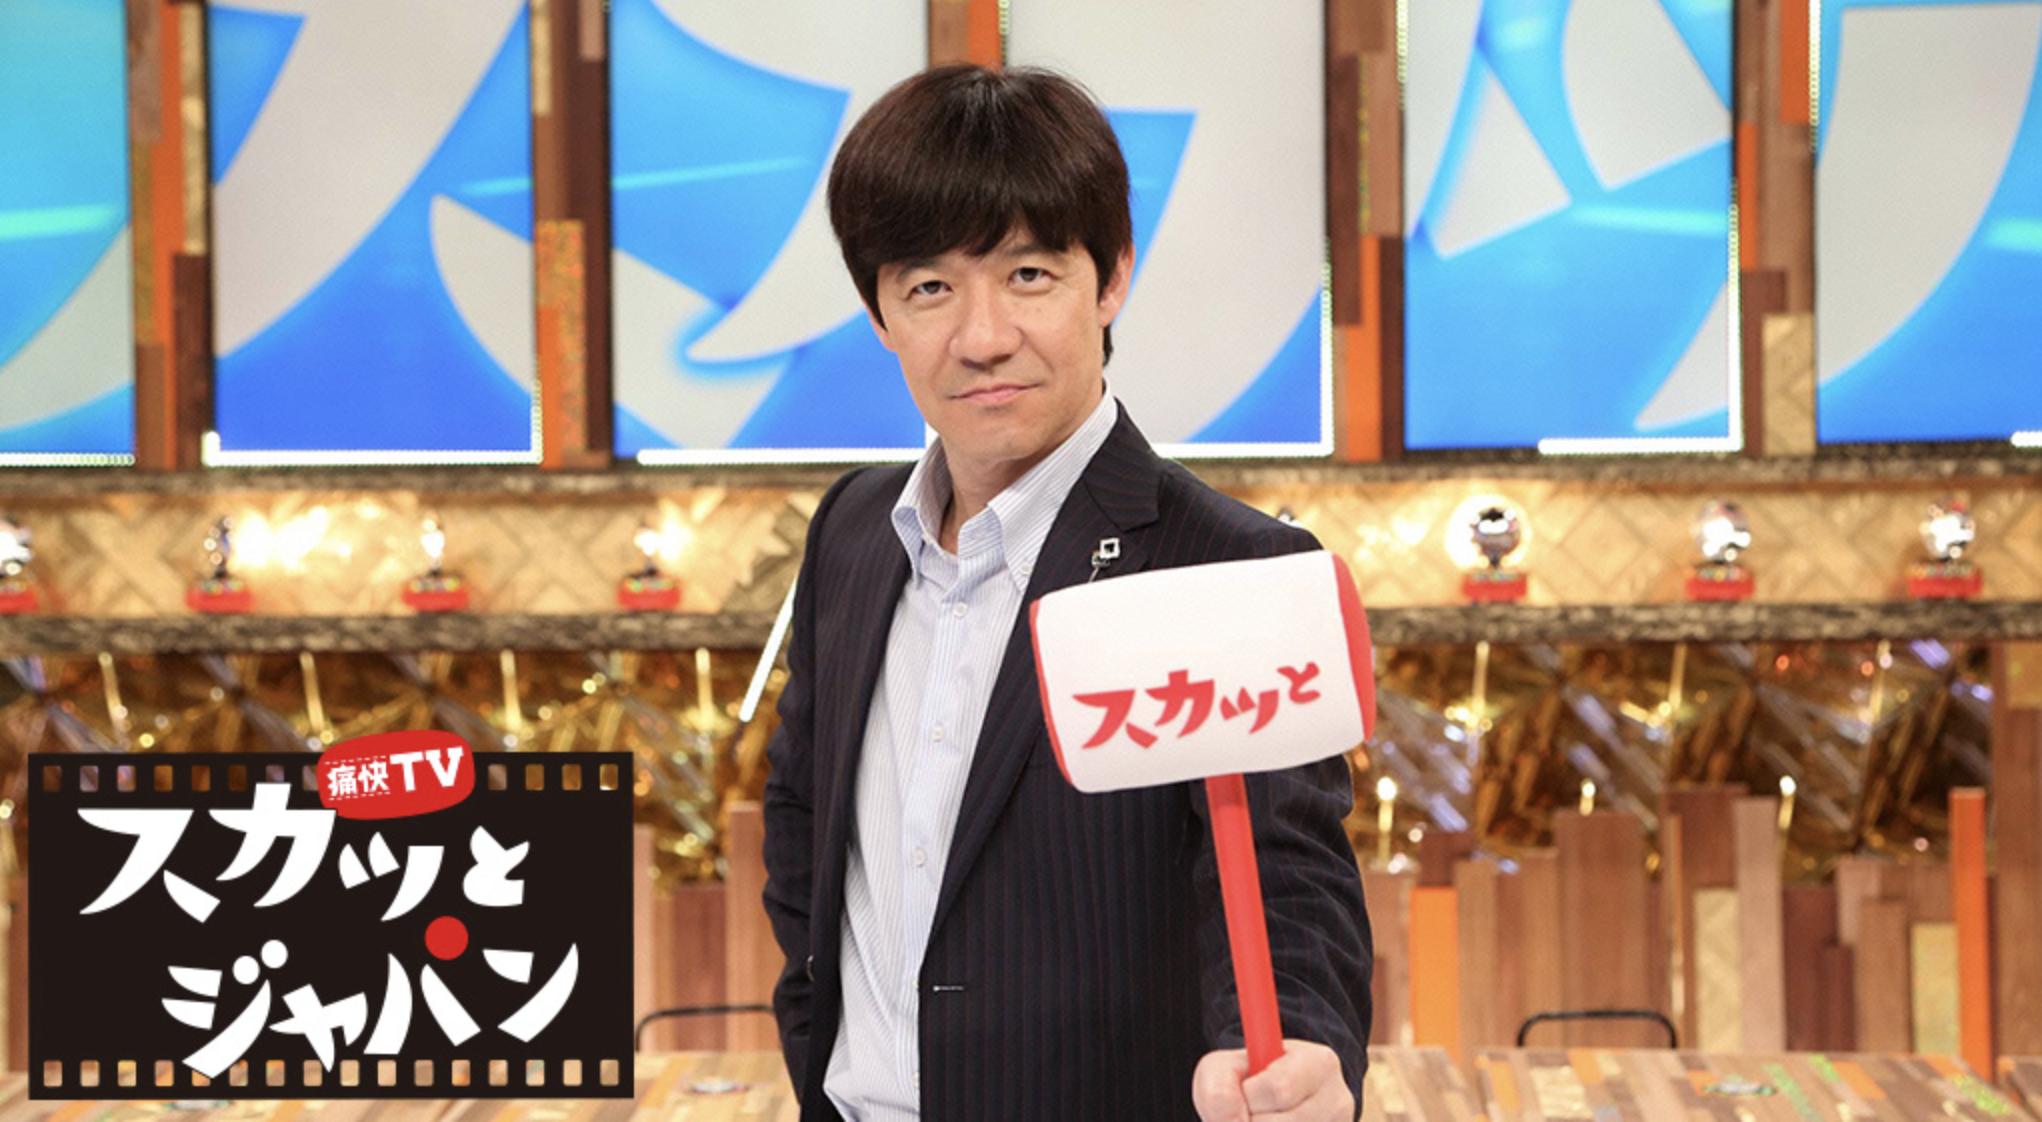 スカッとジャパン(フワちゃん)6月22日の見逃し配信動画を無料視聴する方法!